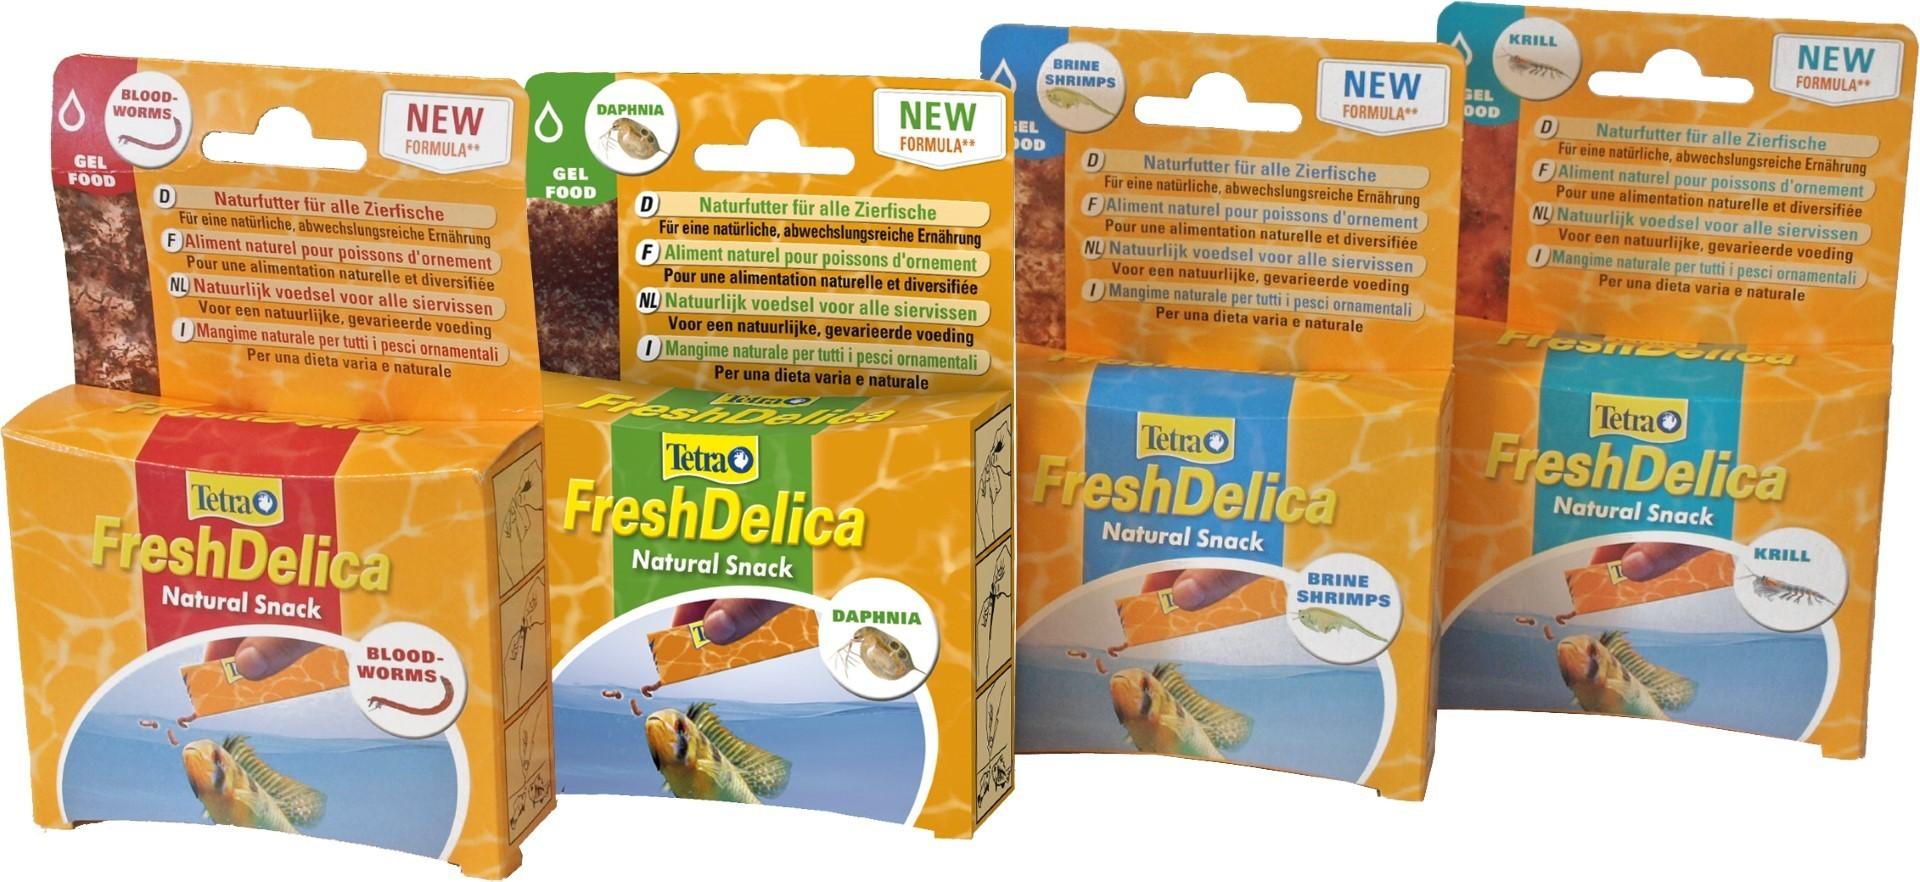 Tetra Fresh Delica bloodworms 48 gram